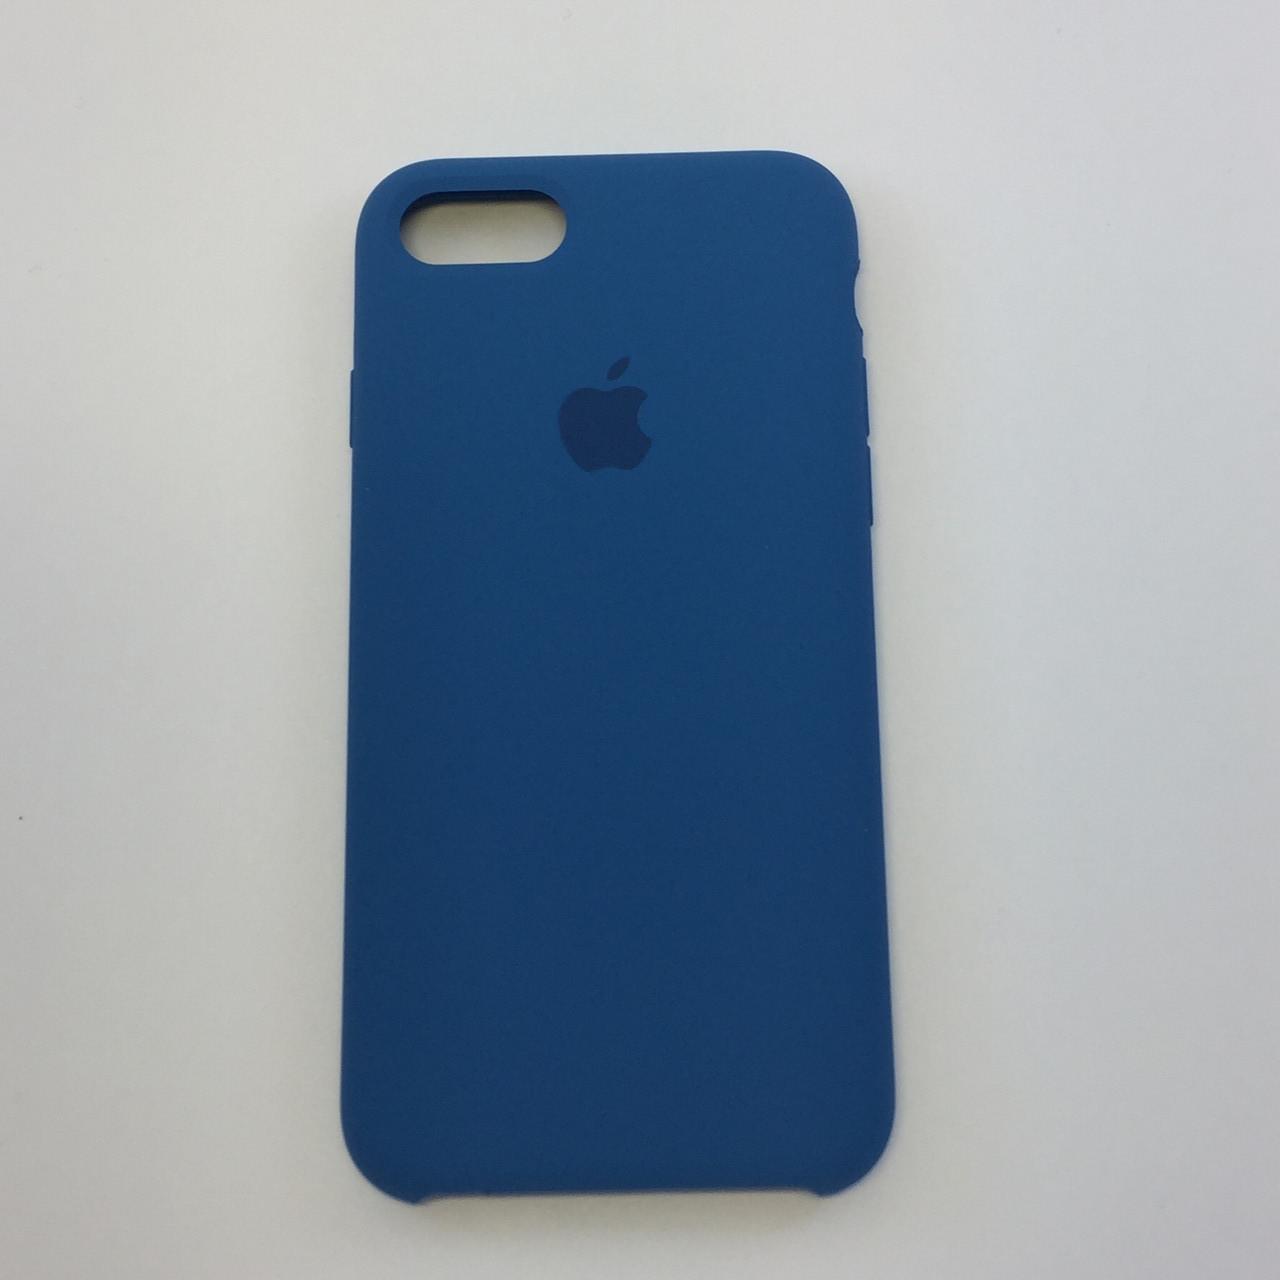 Силиконовый чехол iPhone 8 Plus, темний кобальт, copy original